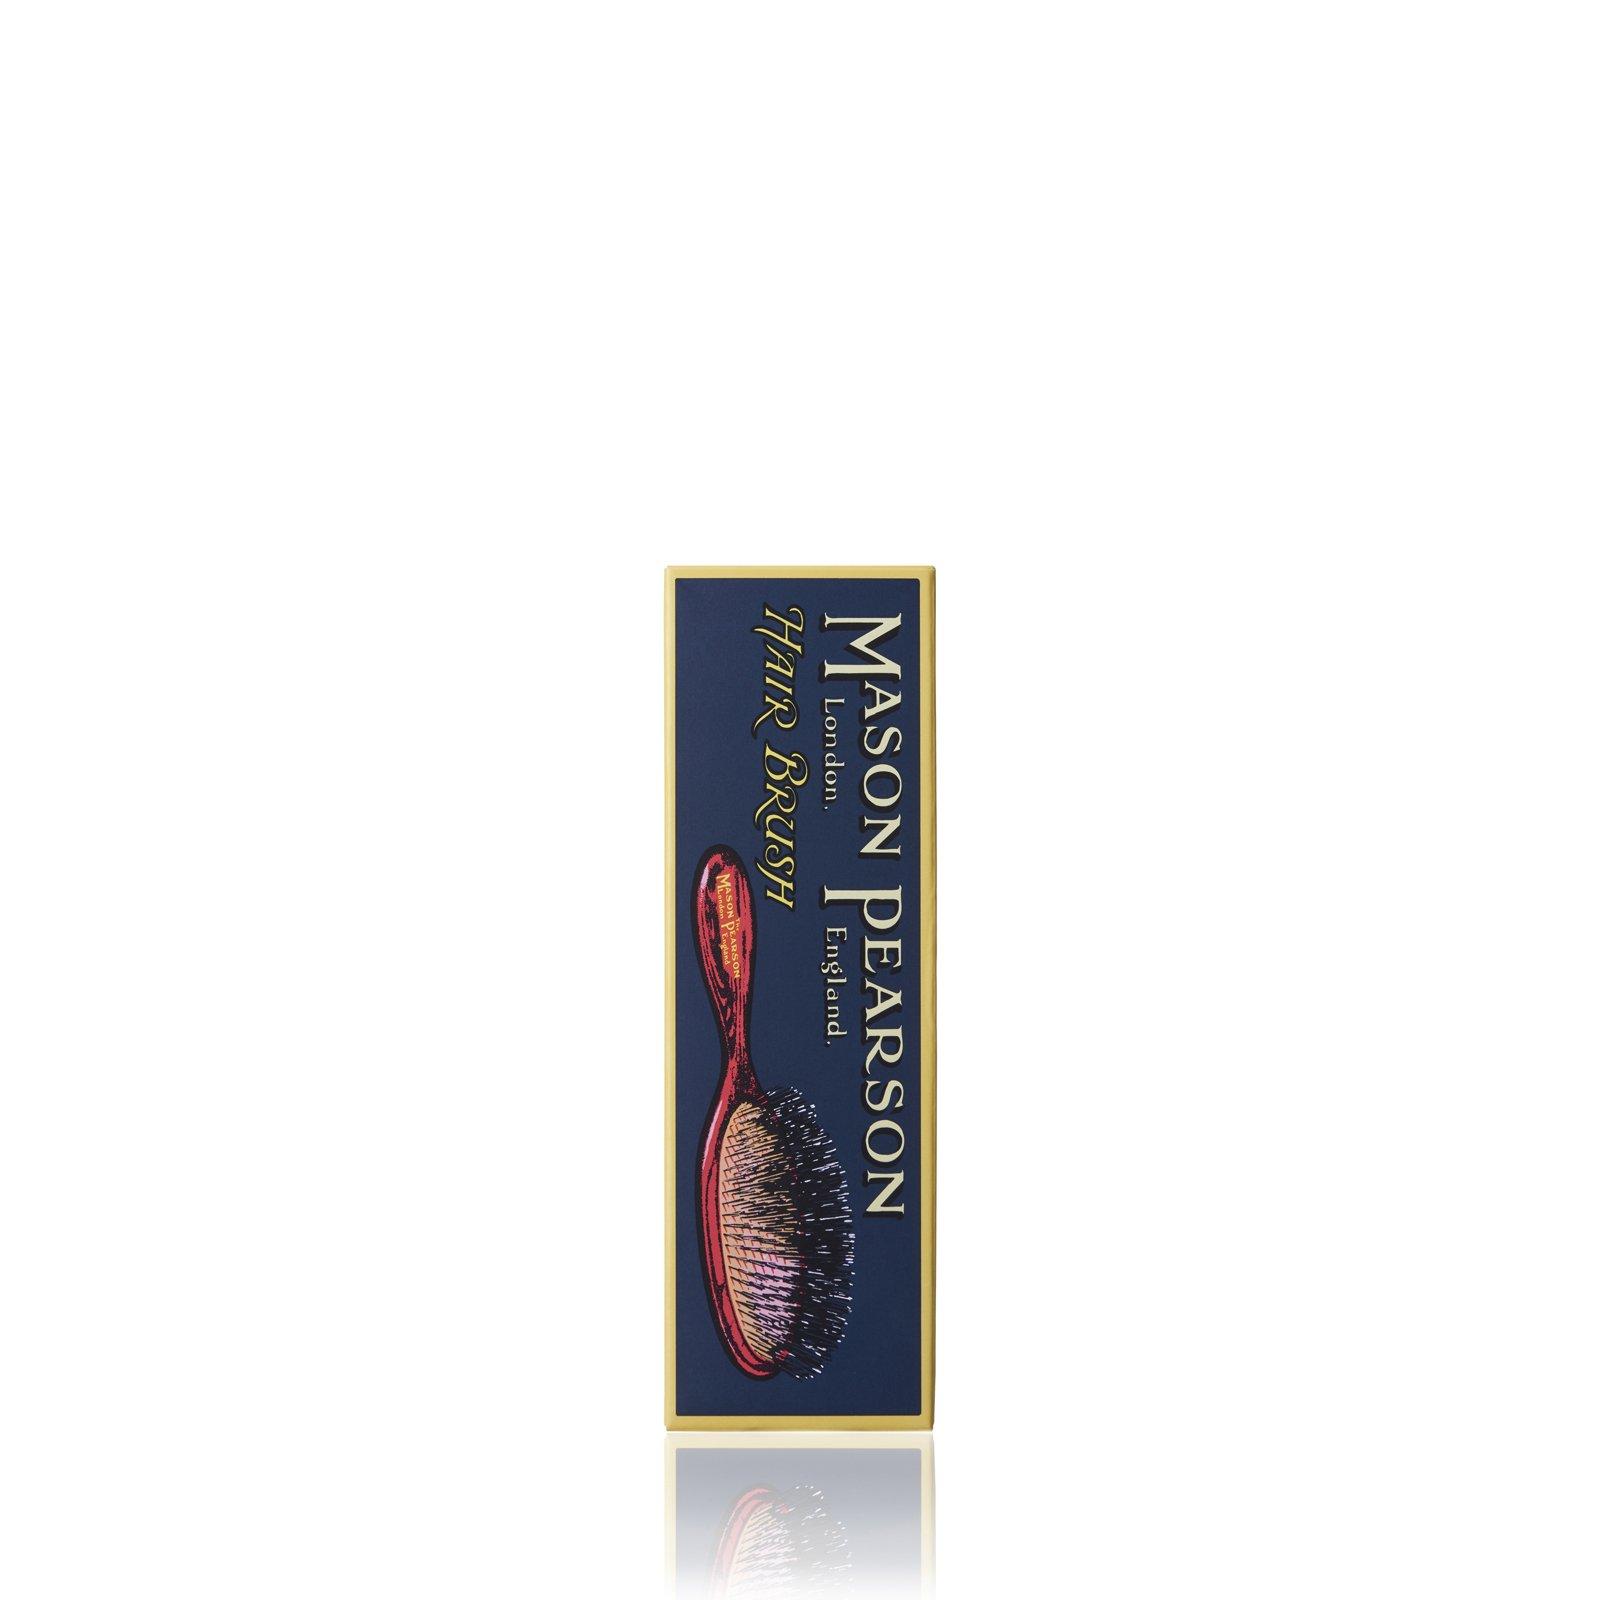 BN4 Pocket Hairbrush from Mason Pearson (Ivory)